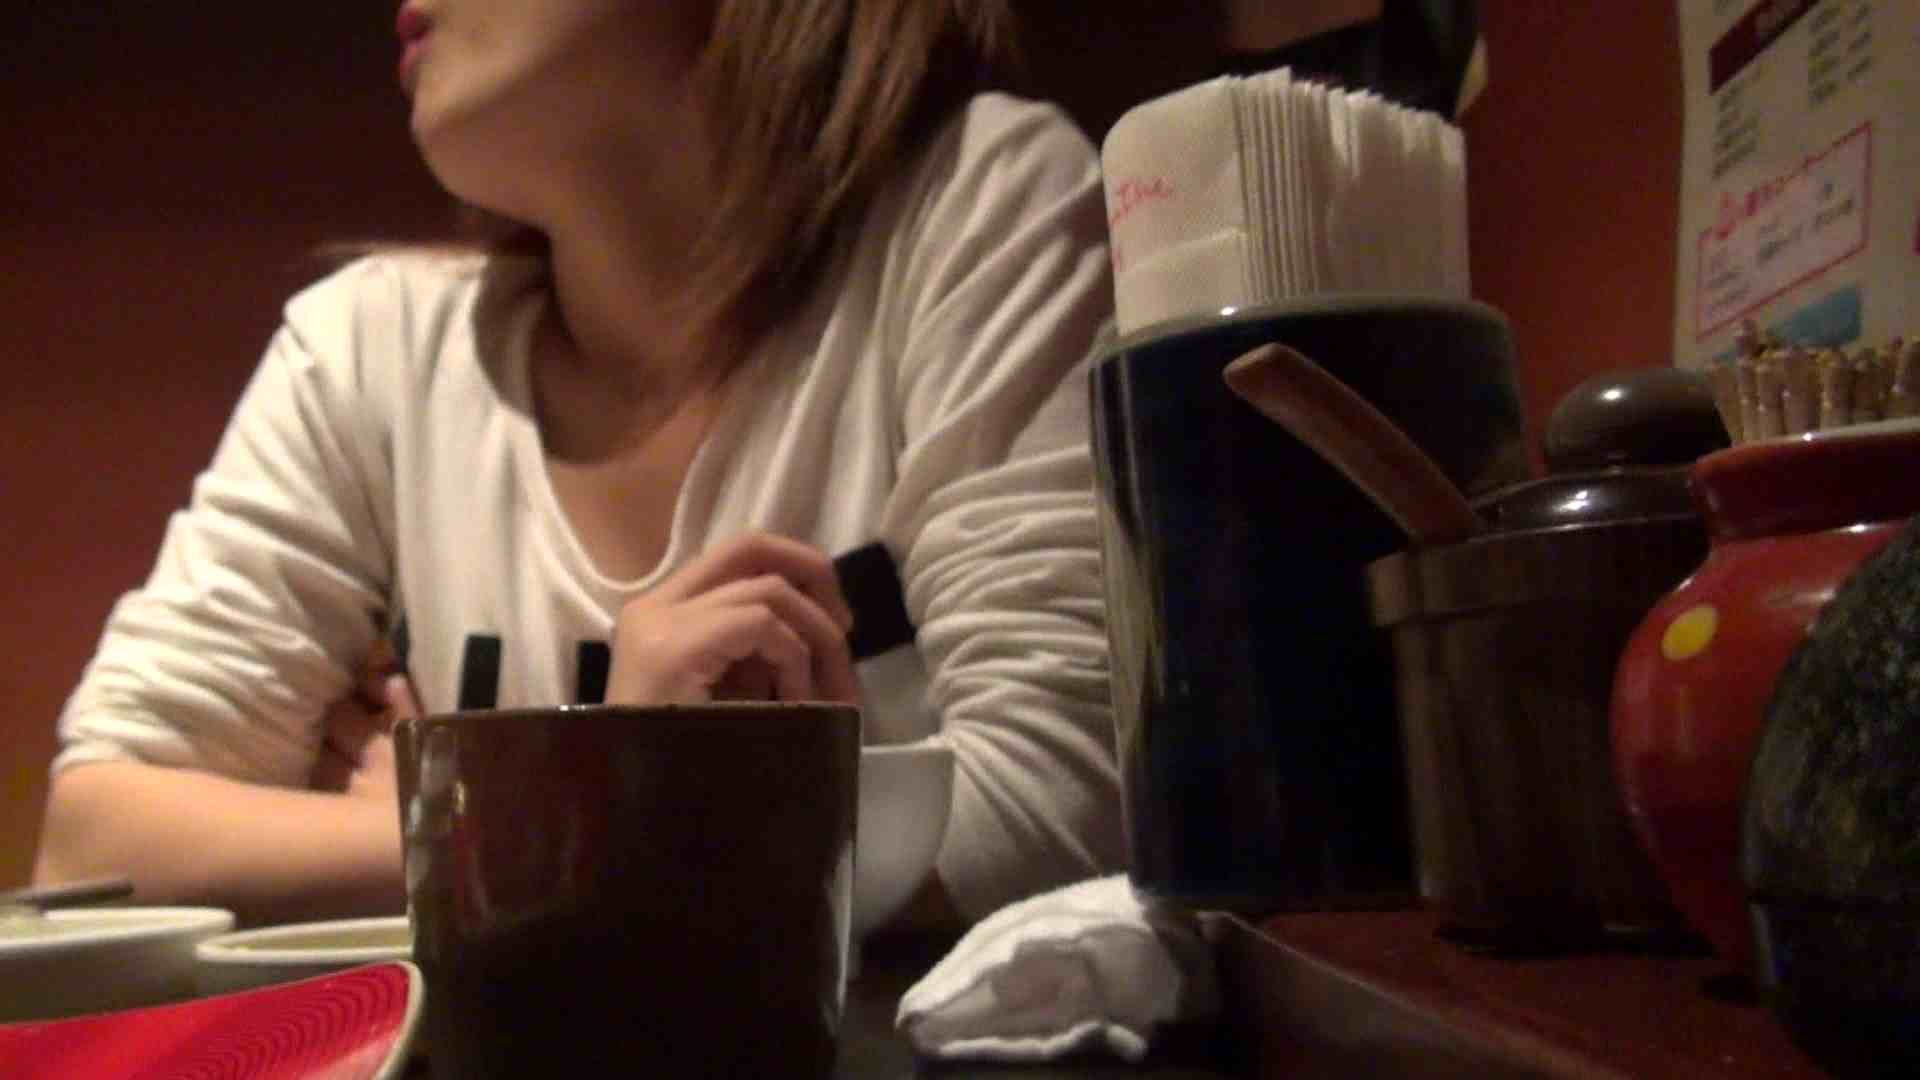 【出会い01】大助さんMちゃんと食事会 エッチすぎる友人  54連発 20